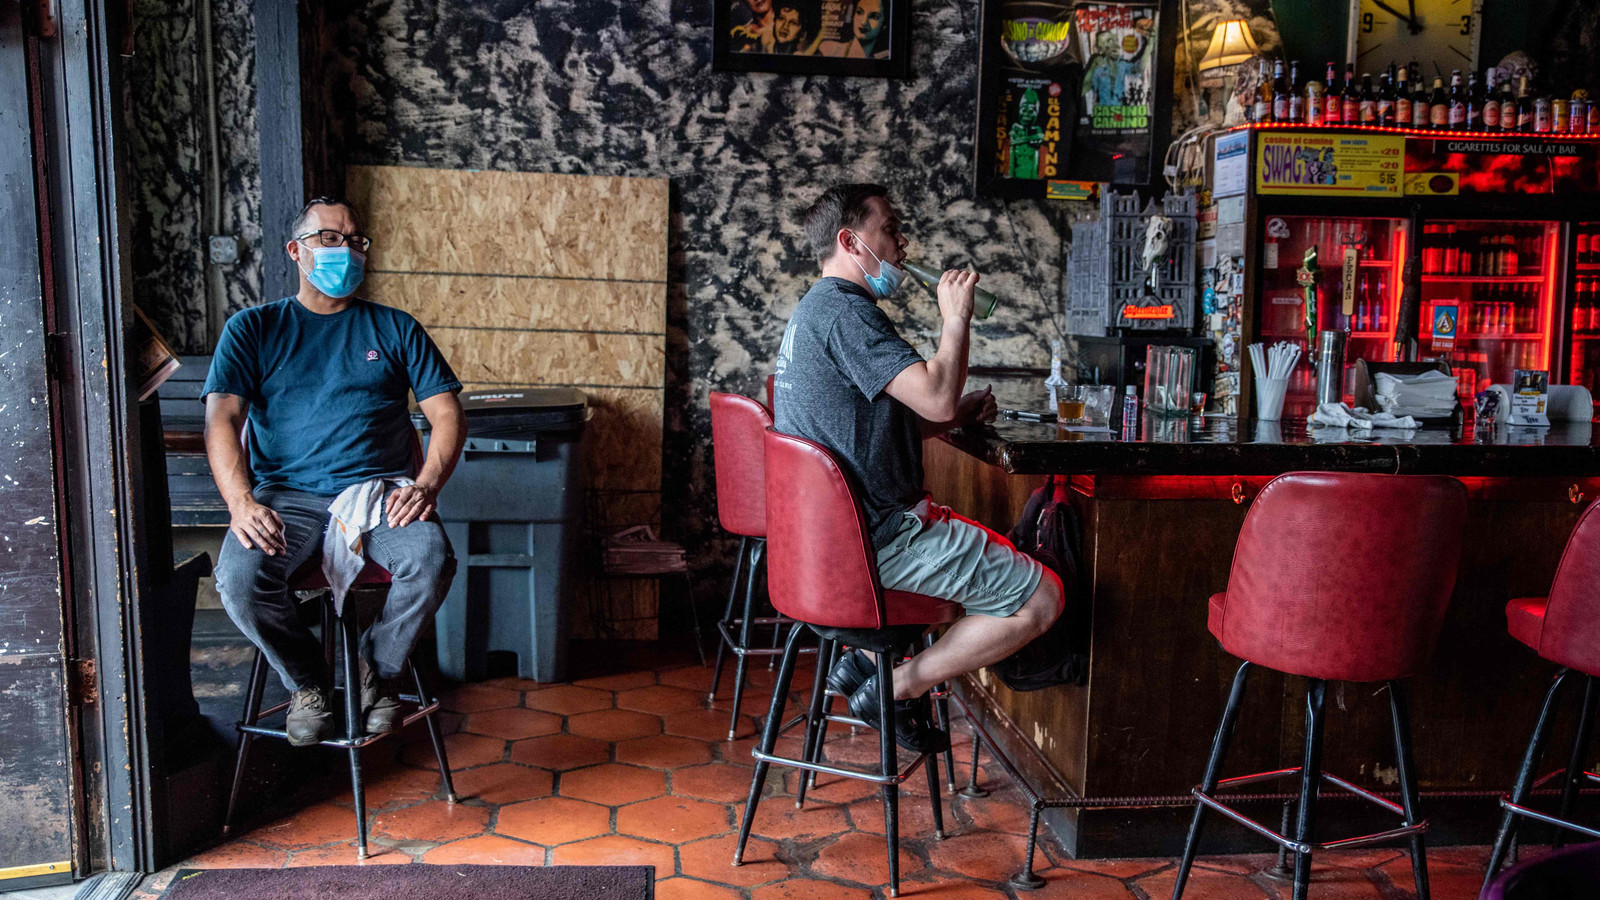 Deze bar in de Texaanse stad Austin is dit weekend weer gesloten. Alle horeca in de staat moest weer op slot, vanwege een toenemend aantal corona-besmettingen.